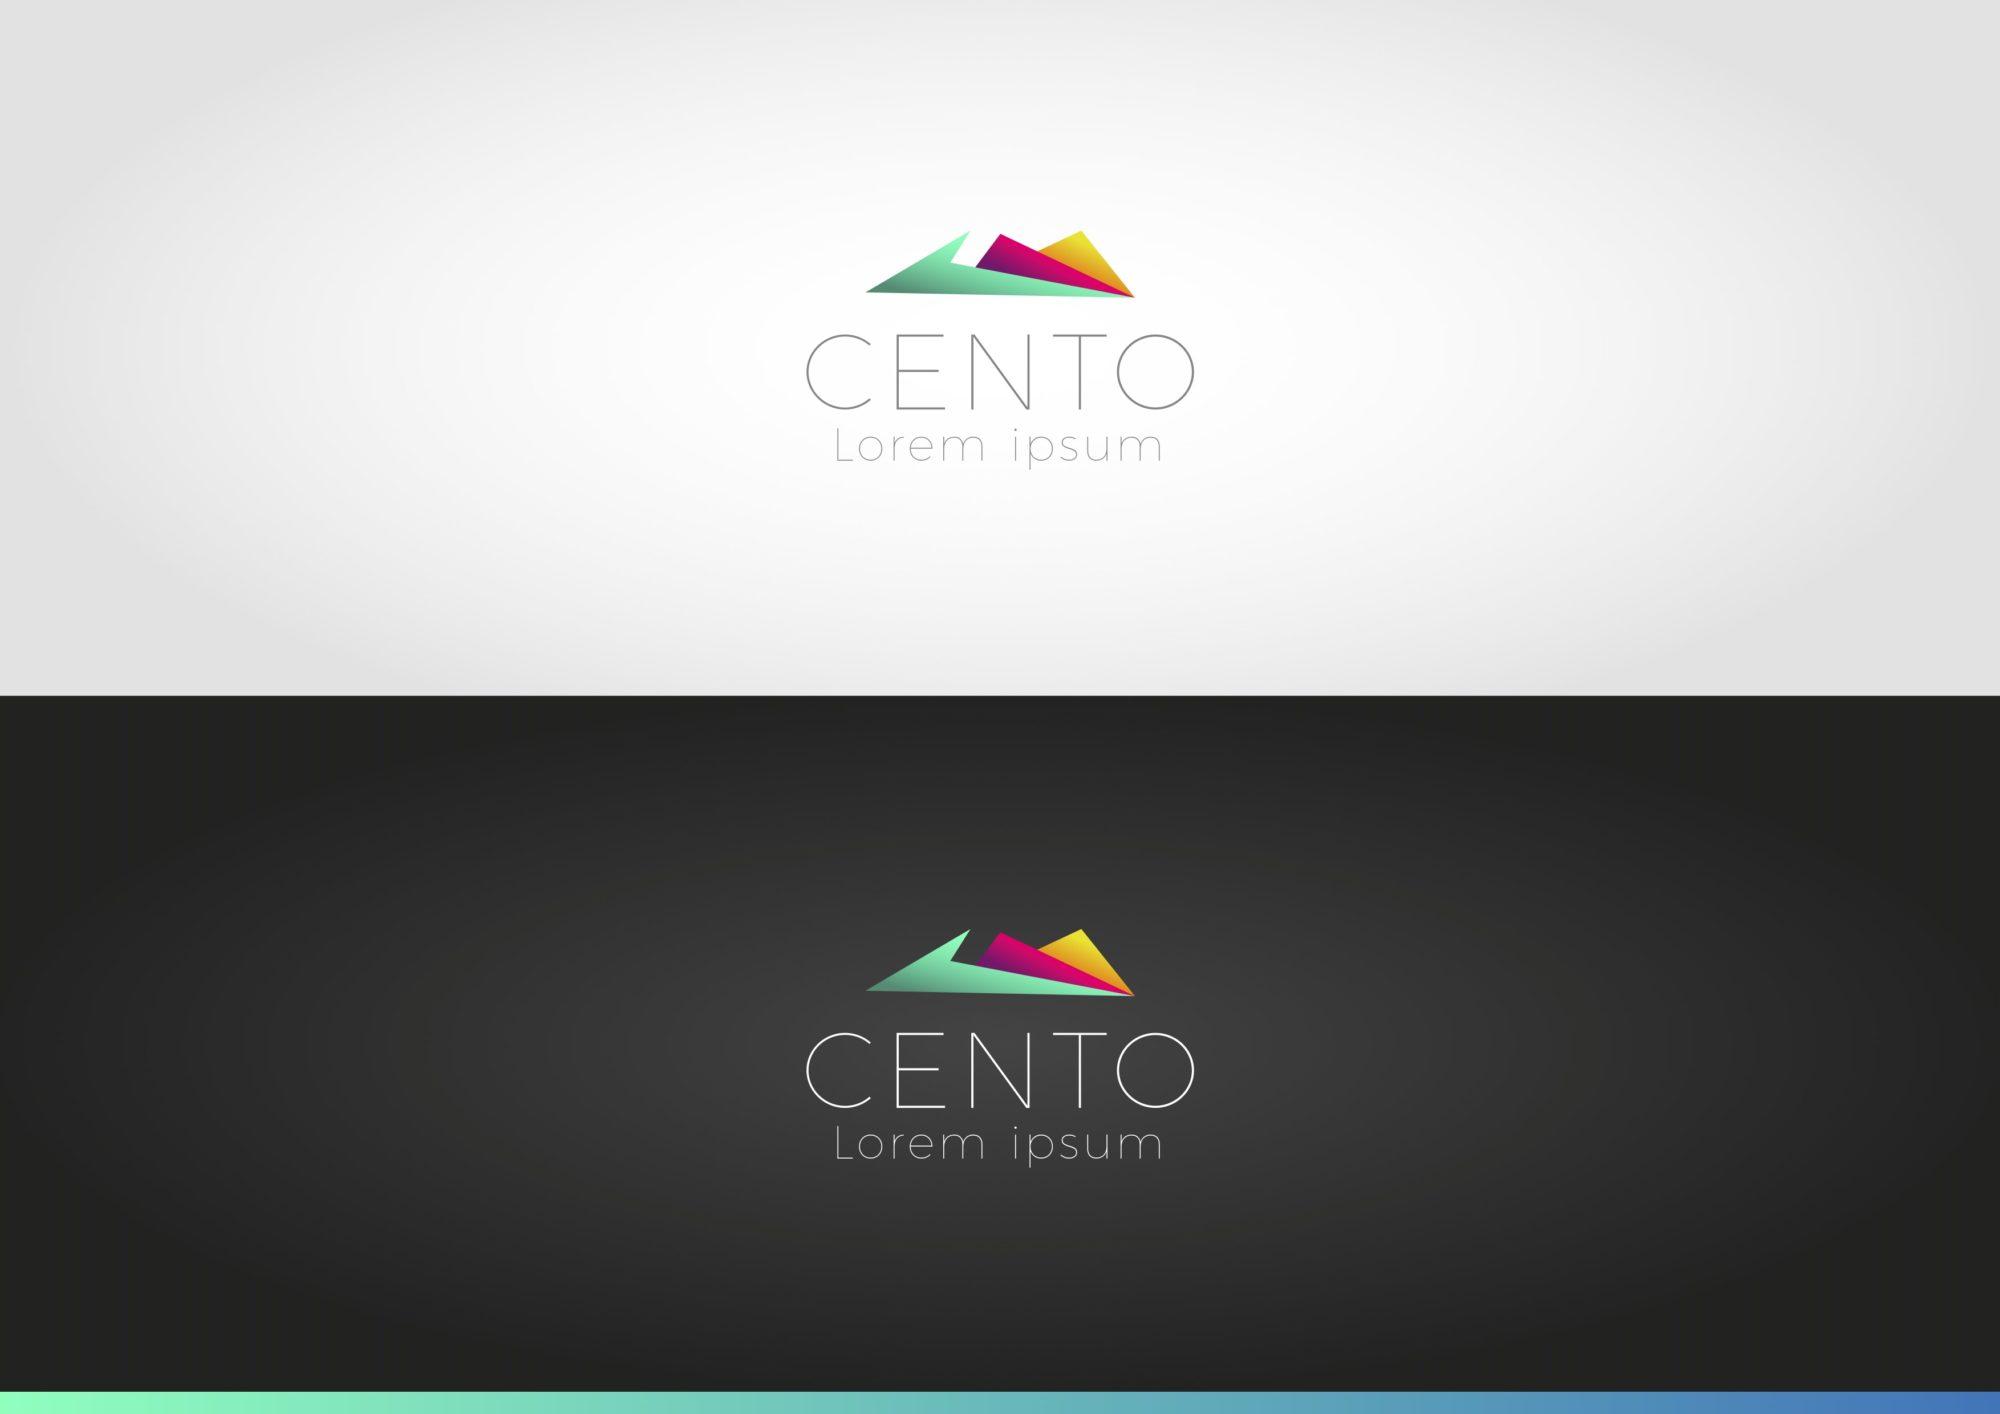 CentoX10012